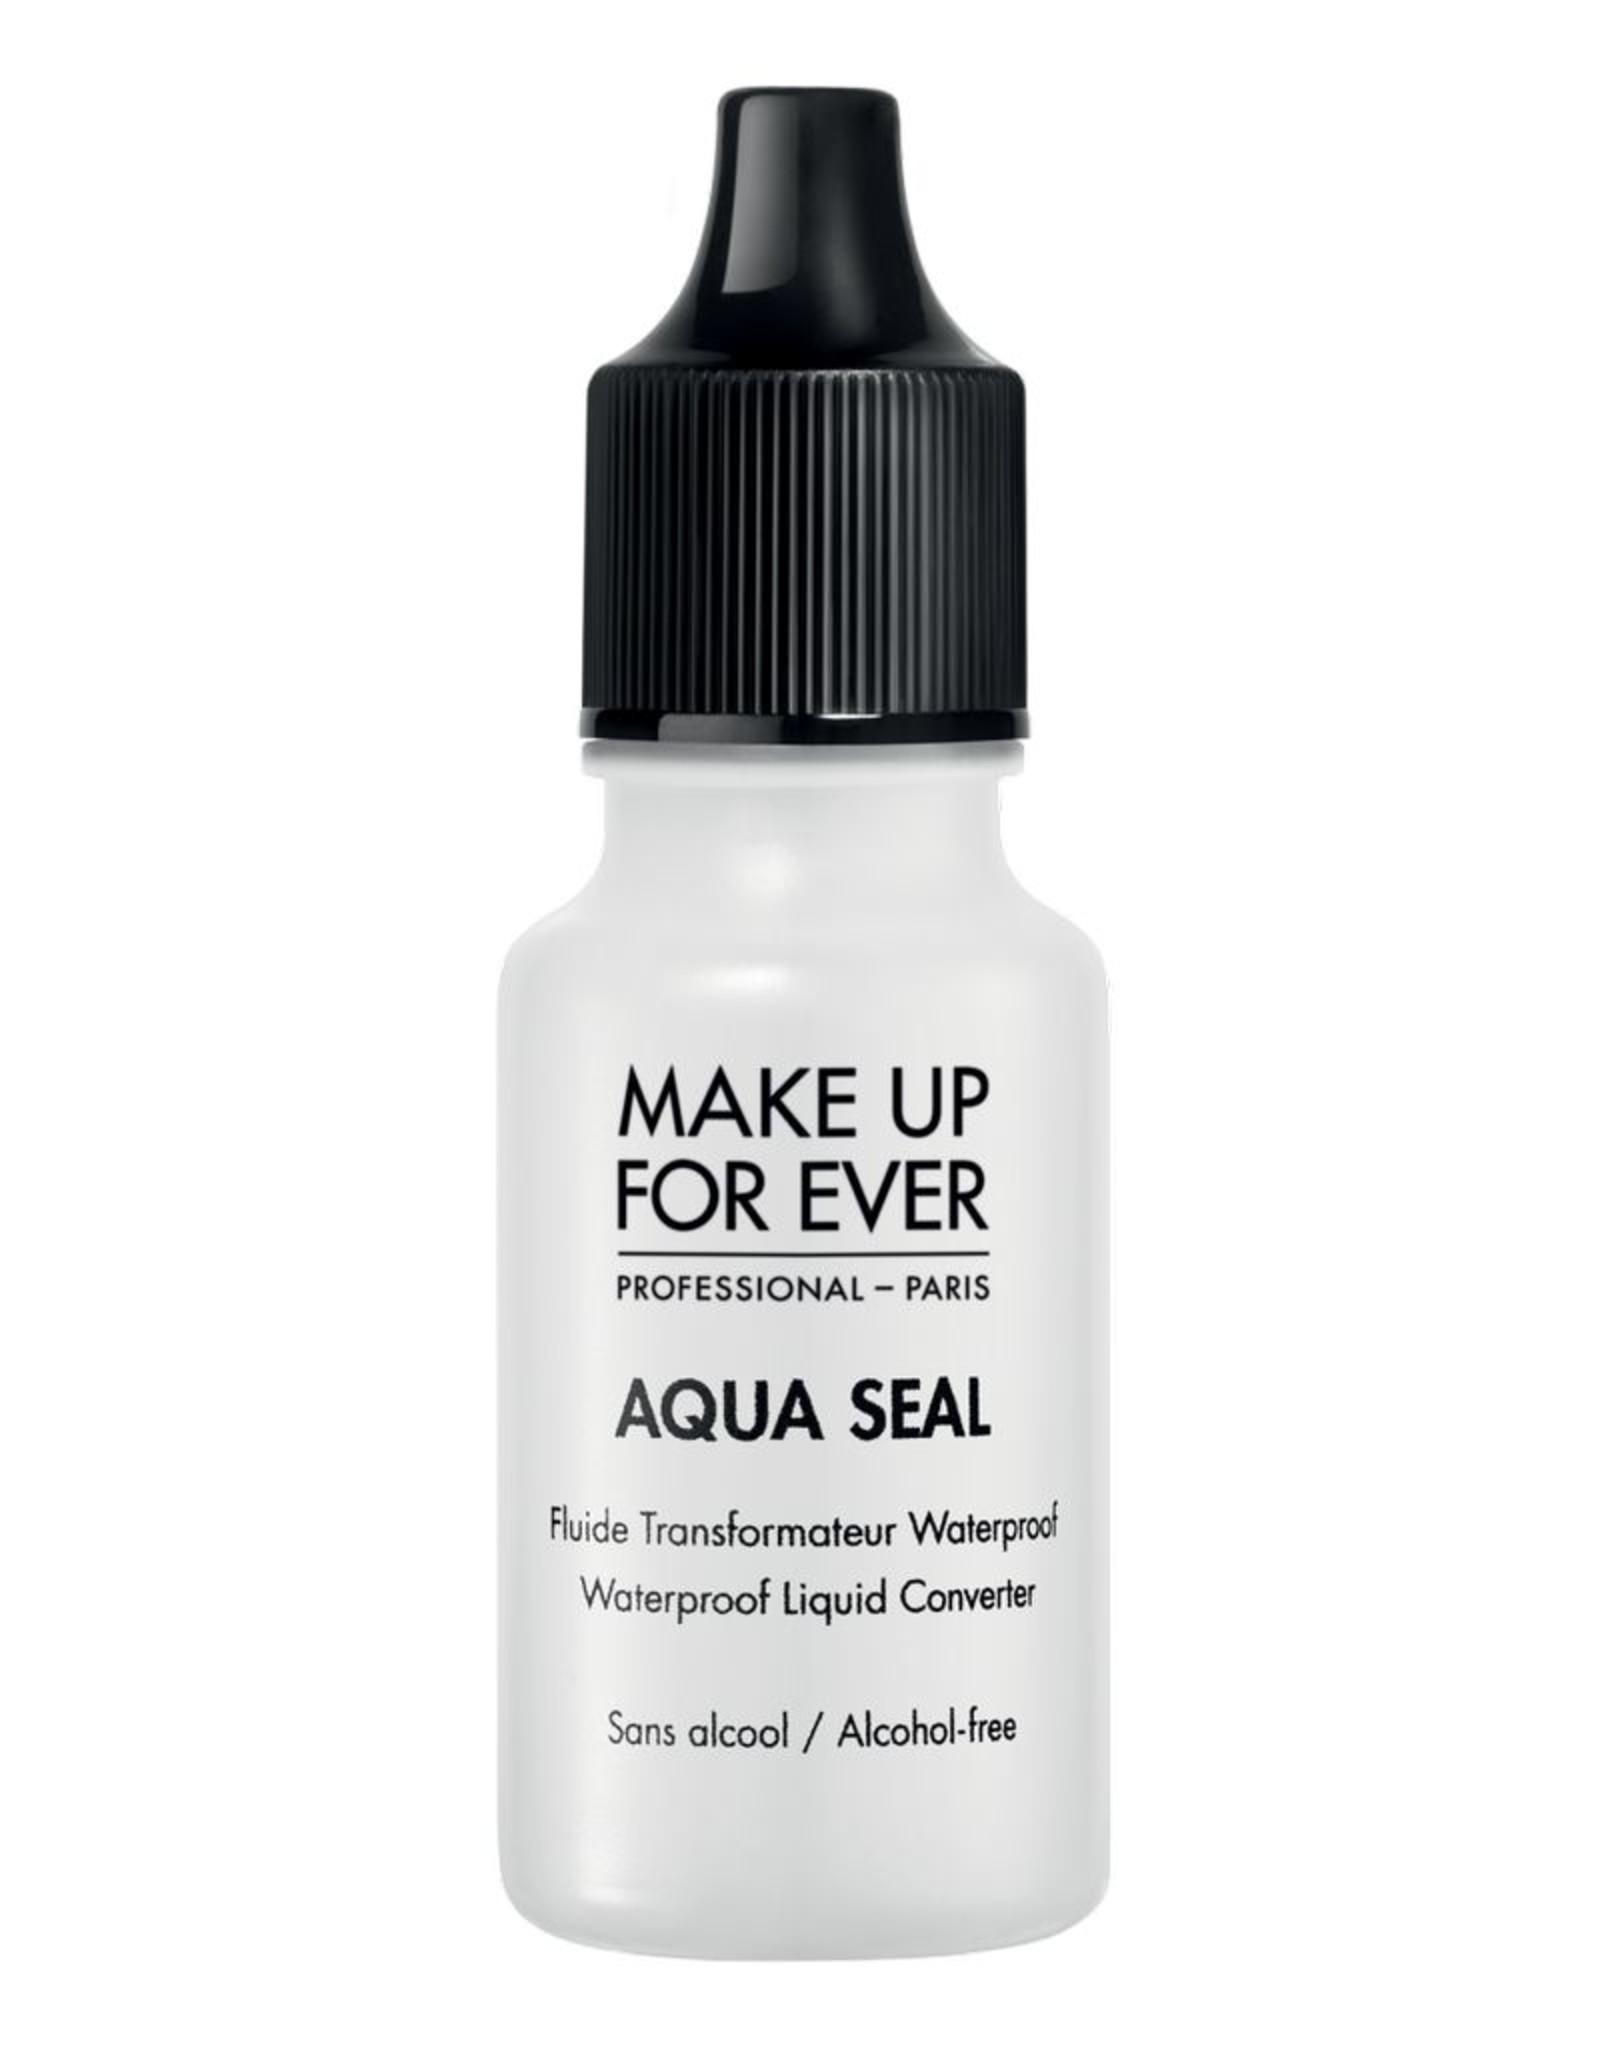 MUFE AQUA SEAL 12ML / AQUA SEAL 12ML   (MB 400)